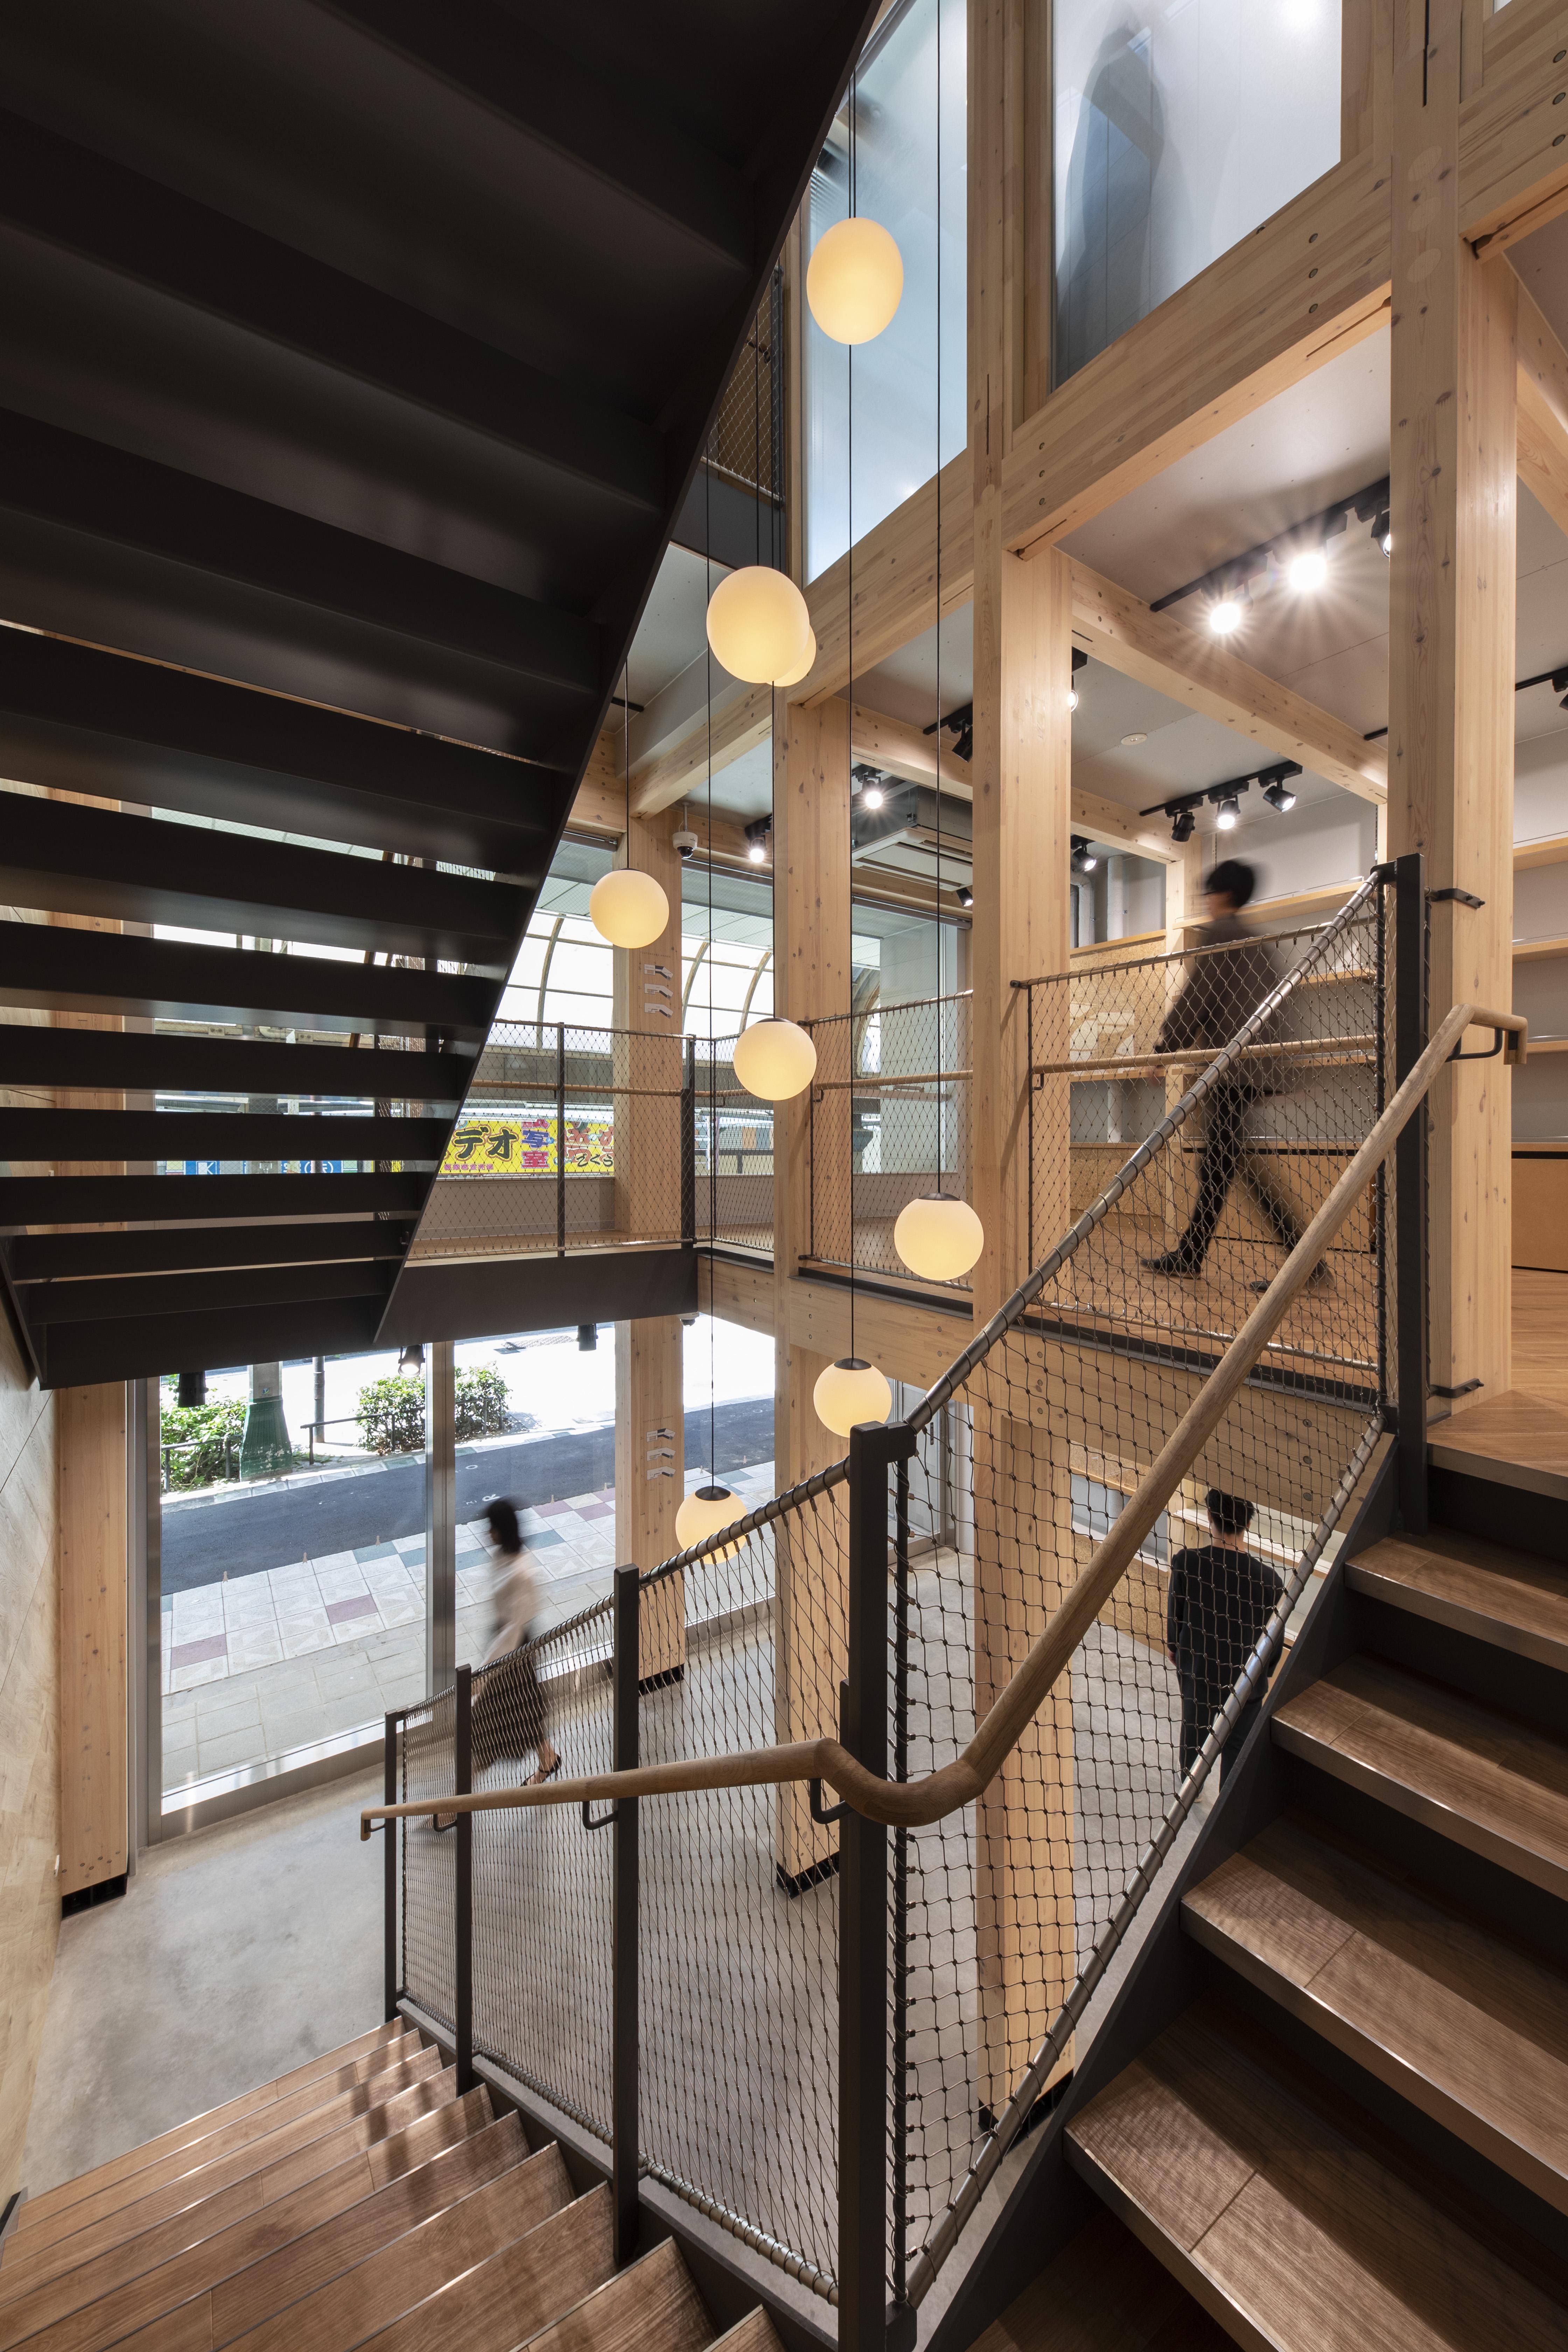 竪穴区画が不要のため階段室と各フロアが開放的につながっています